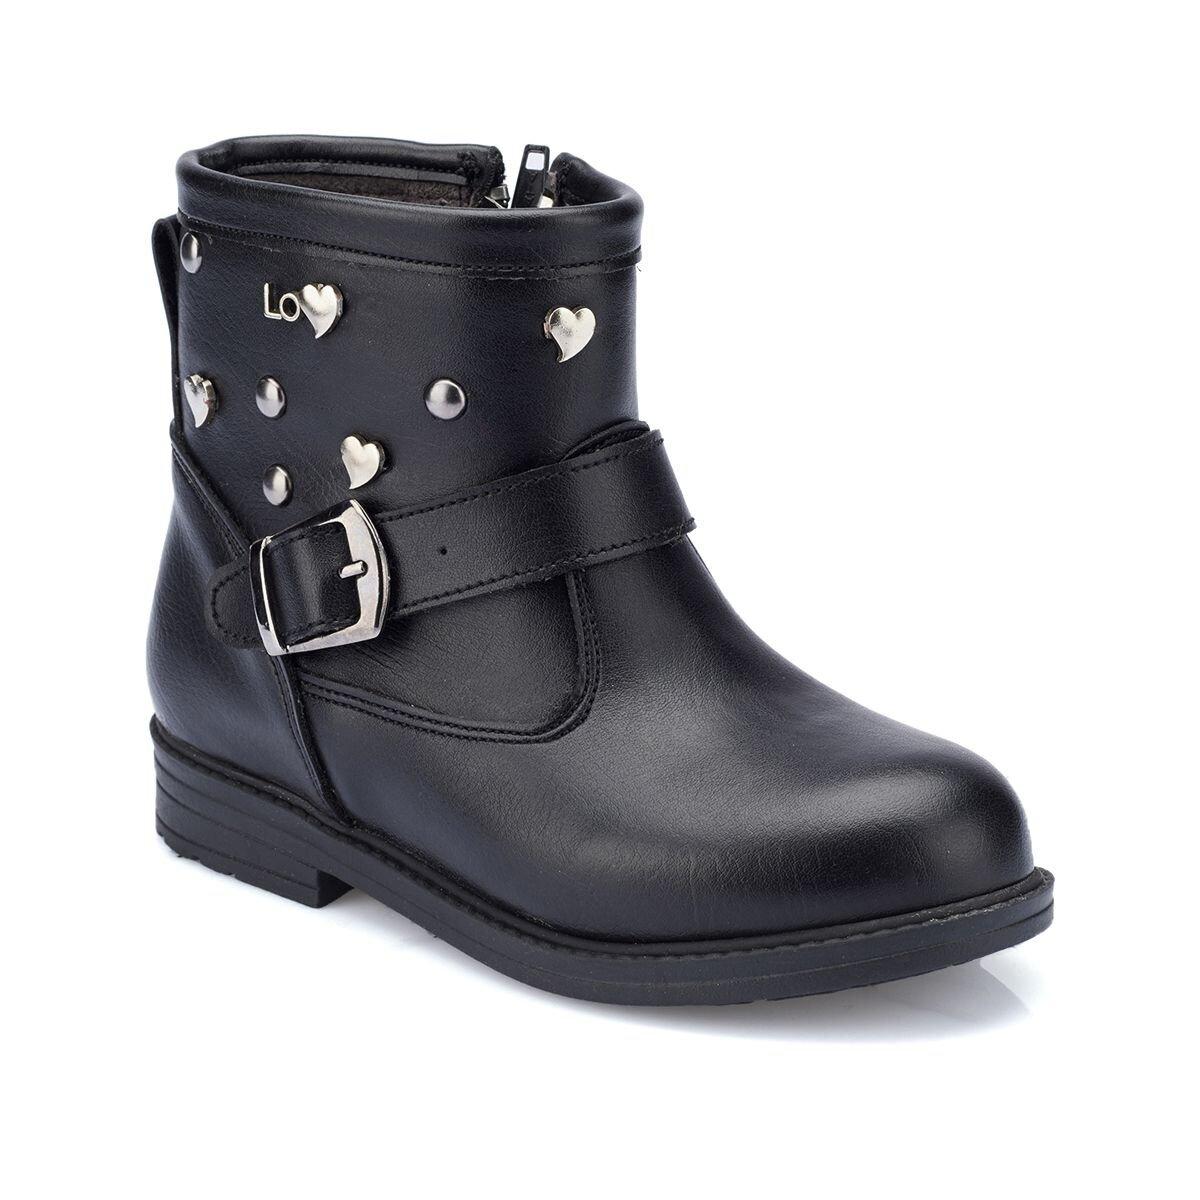 SIYAH Kız Çocuk Ayakkabı